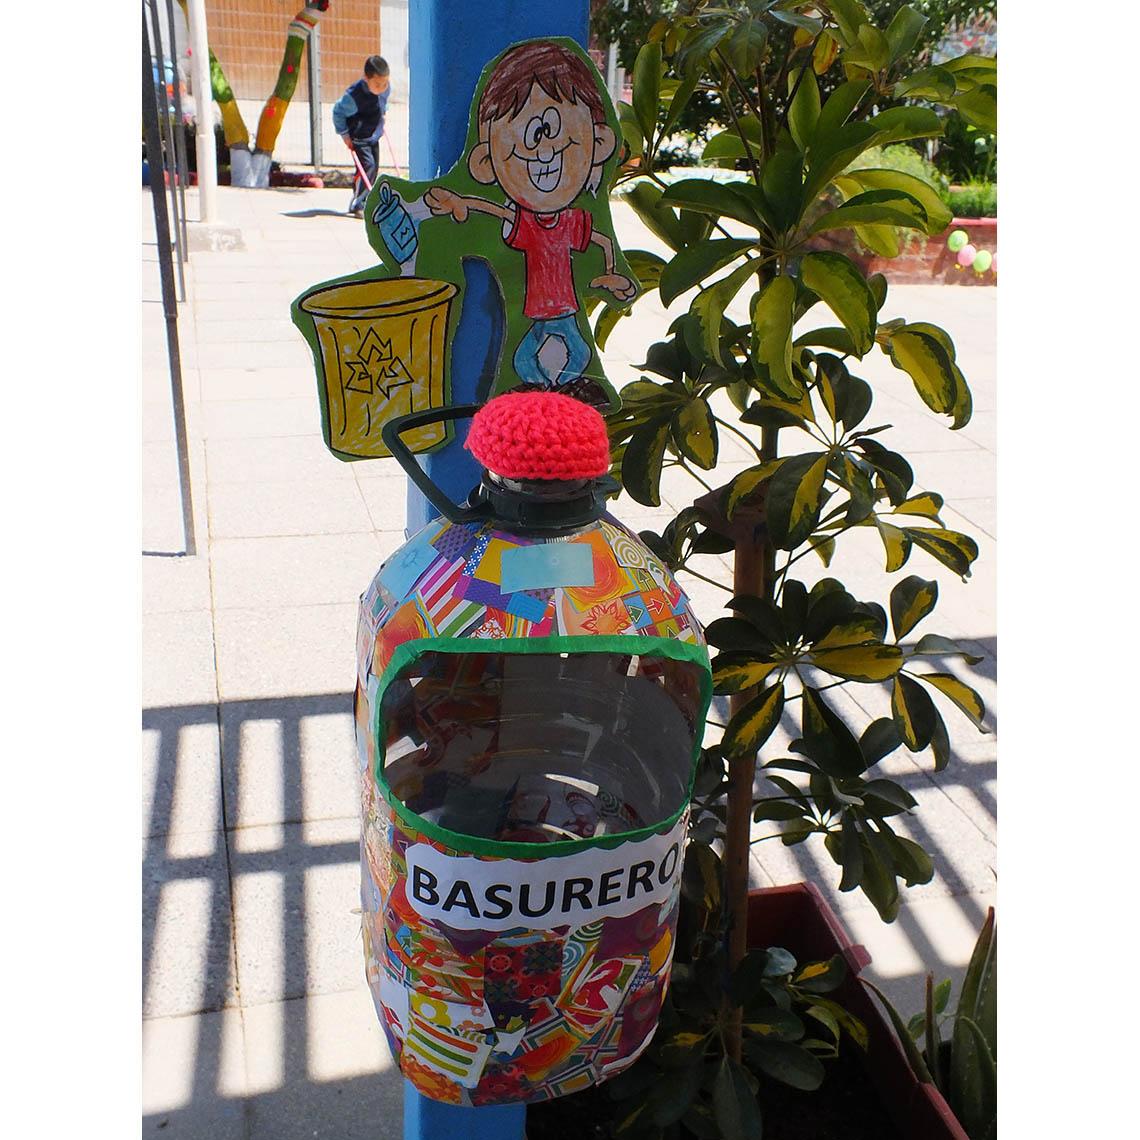 En campaña de reciclaje niños y niñas usan botellas plásticas como basureros en intervención de áreas verdes